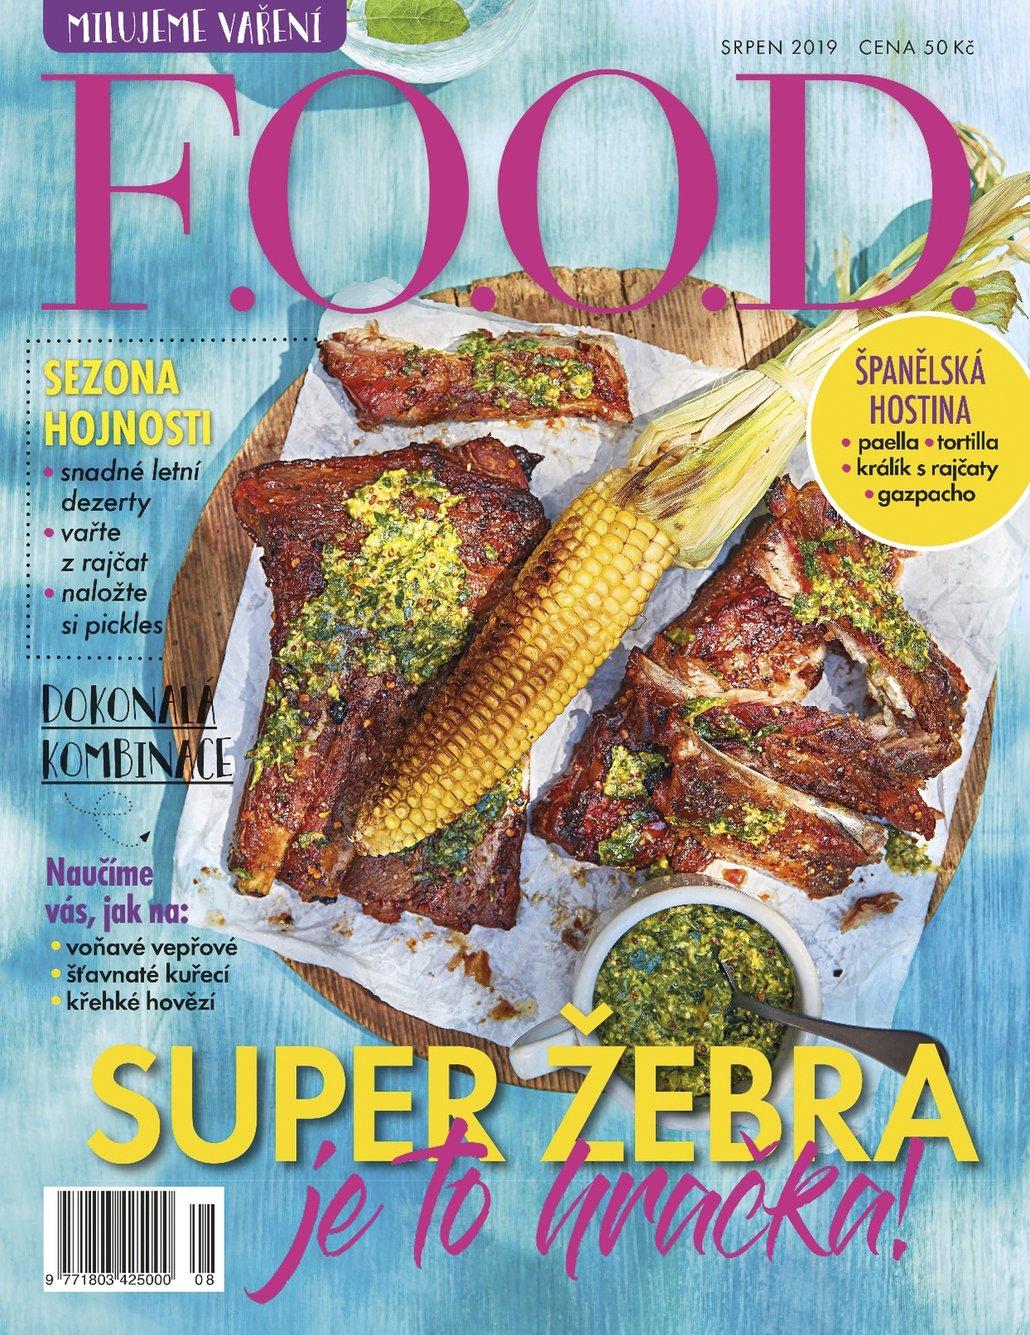 Více receptů na nakládání a nejen na něj najdete v srpnovém čísle časopisu F.O.O.D.